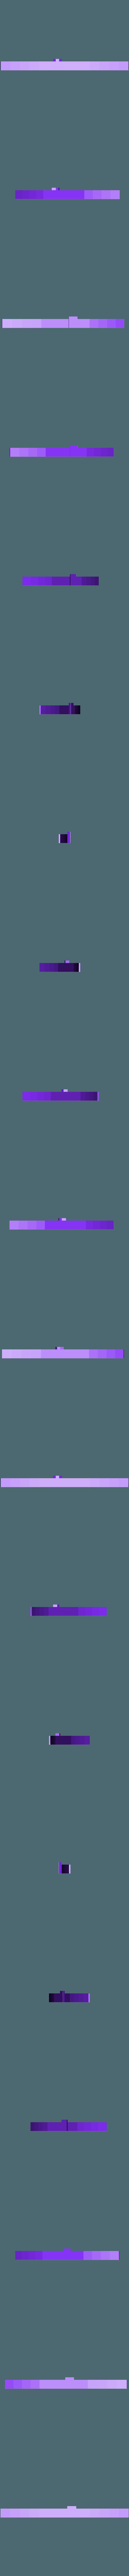 """lock_spring.stl Télécharger fichier STL gratuit OTF Knife Switch Blade (Fonctionnel) version """"améliorée"""" v1.2 • Modèle imprimable en 3D, mathiaspl20"""